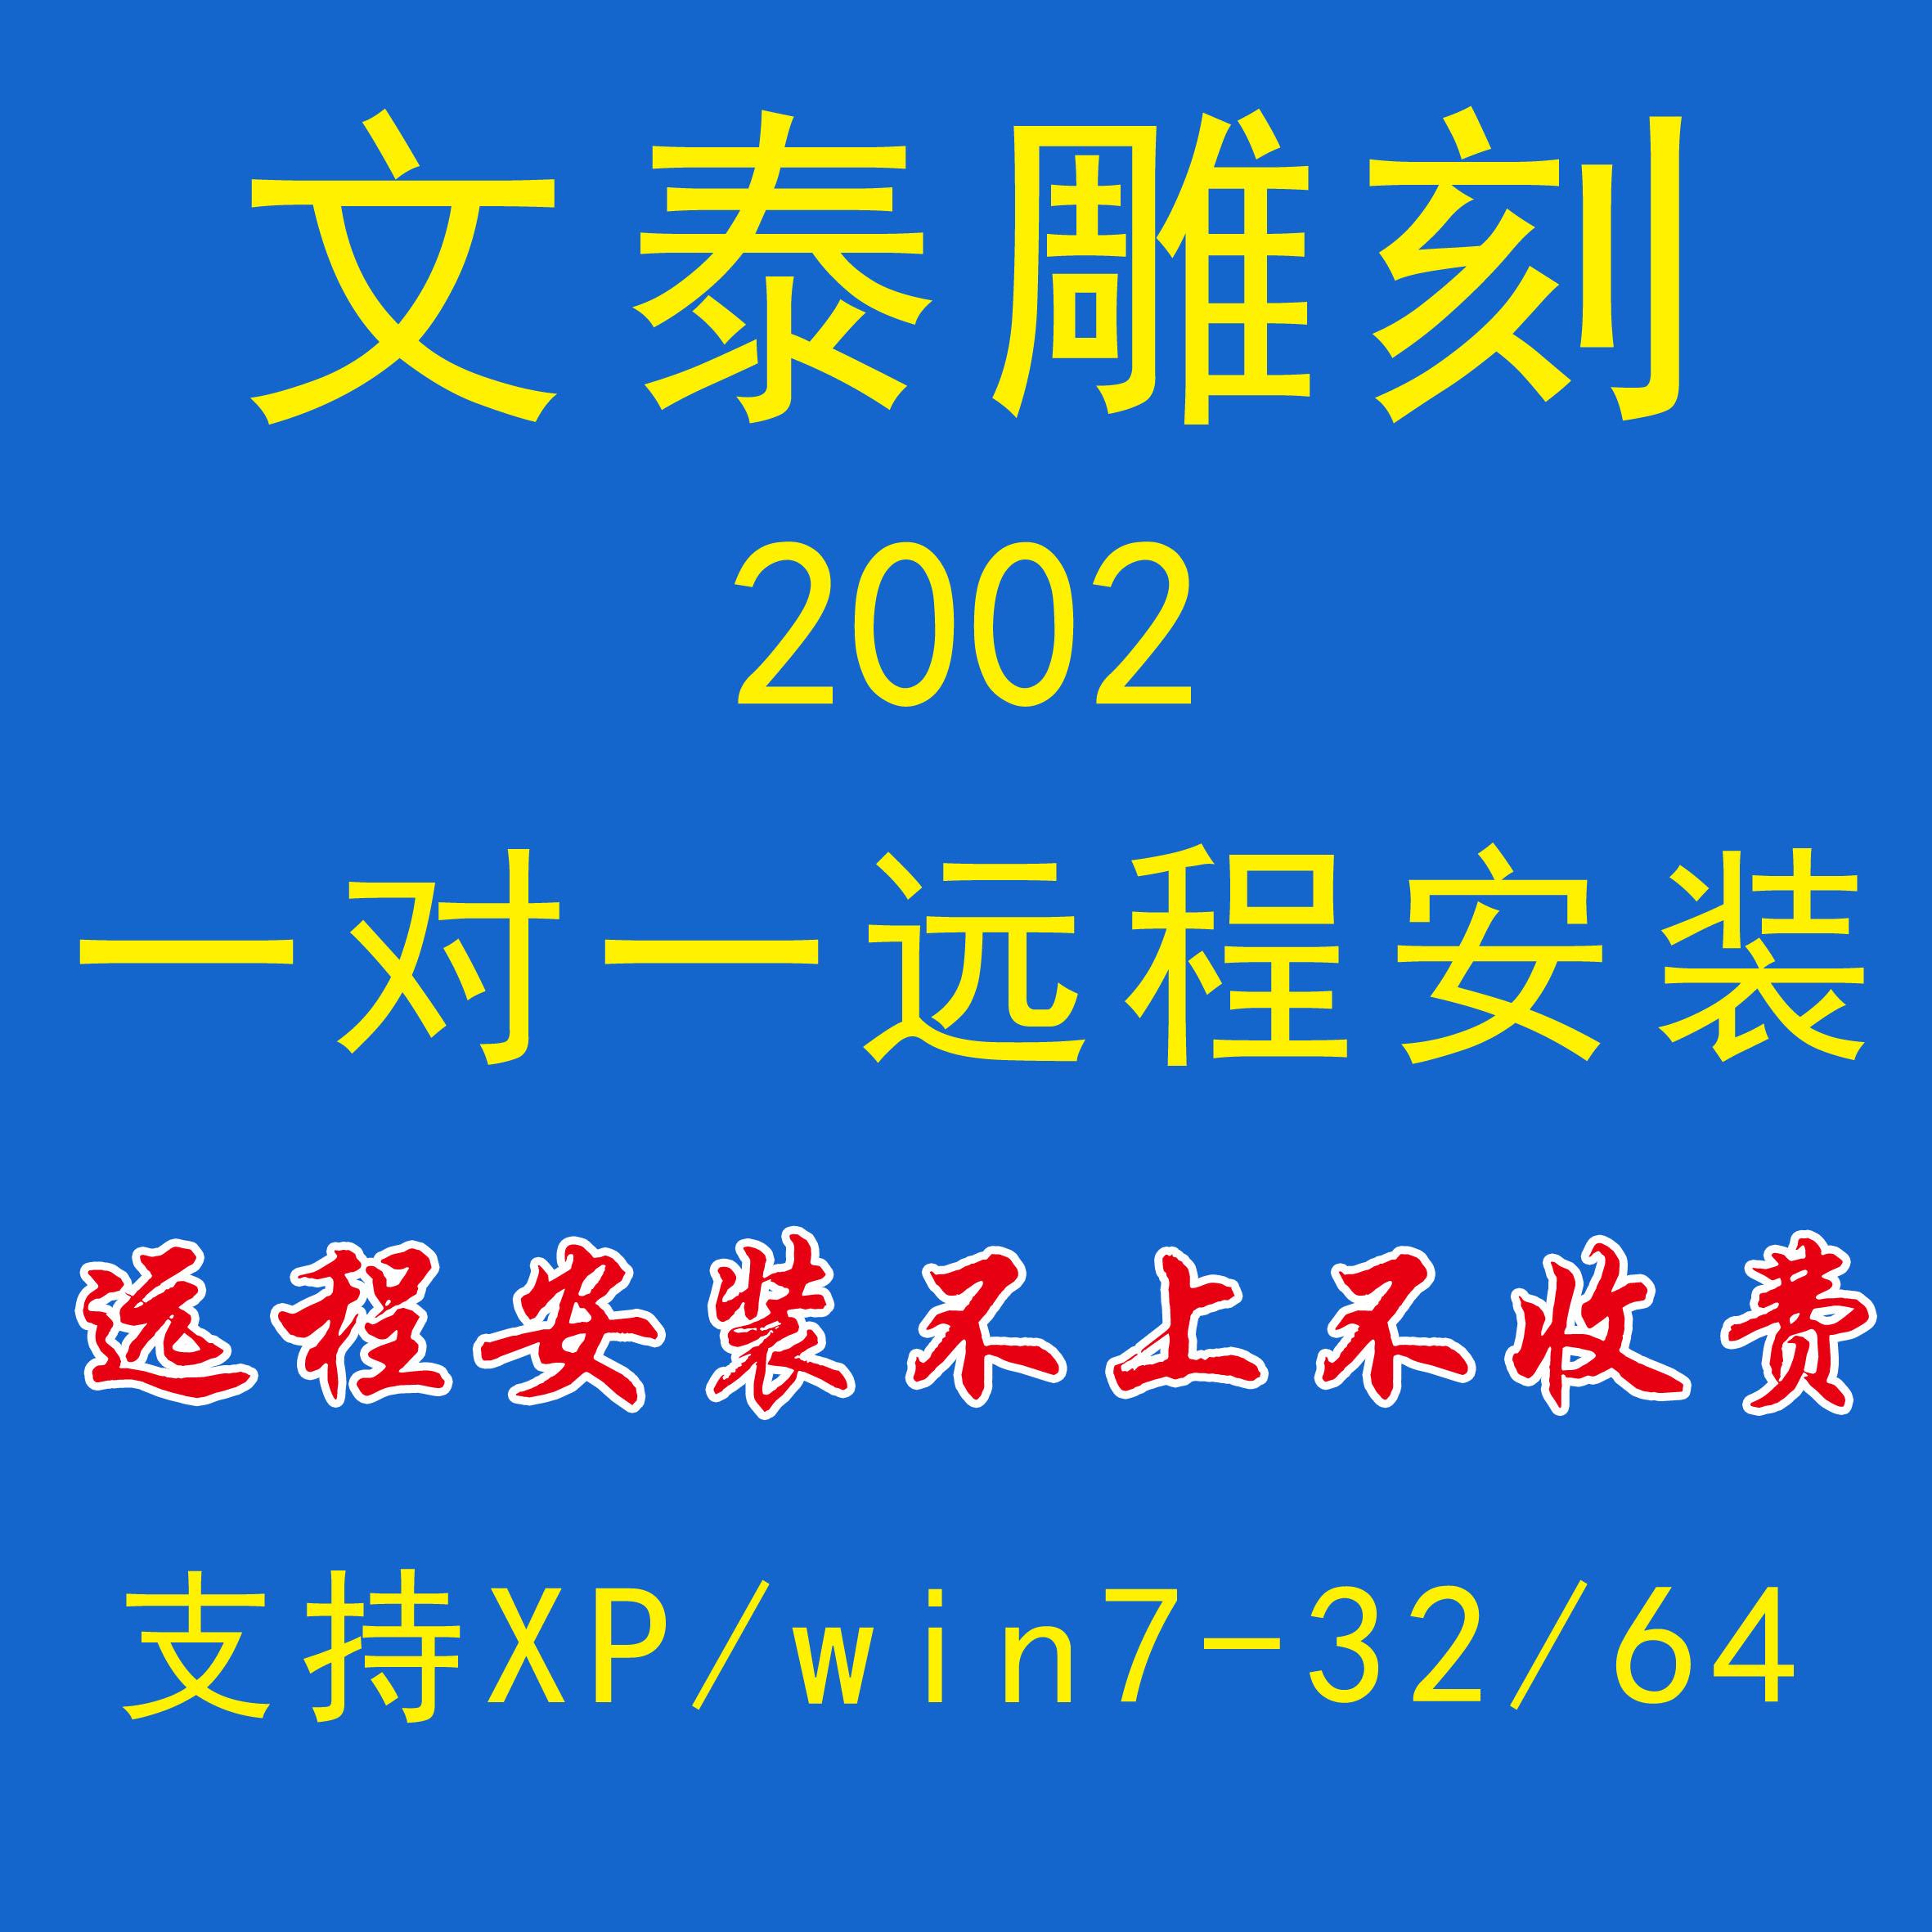 Культура тайский резьба 2002 культура тайский программное обеспечение резьба модель гравировка глава программное обеспечение поддерживать XP/WIN7-32/64 удаленный установка